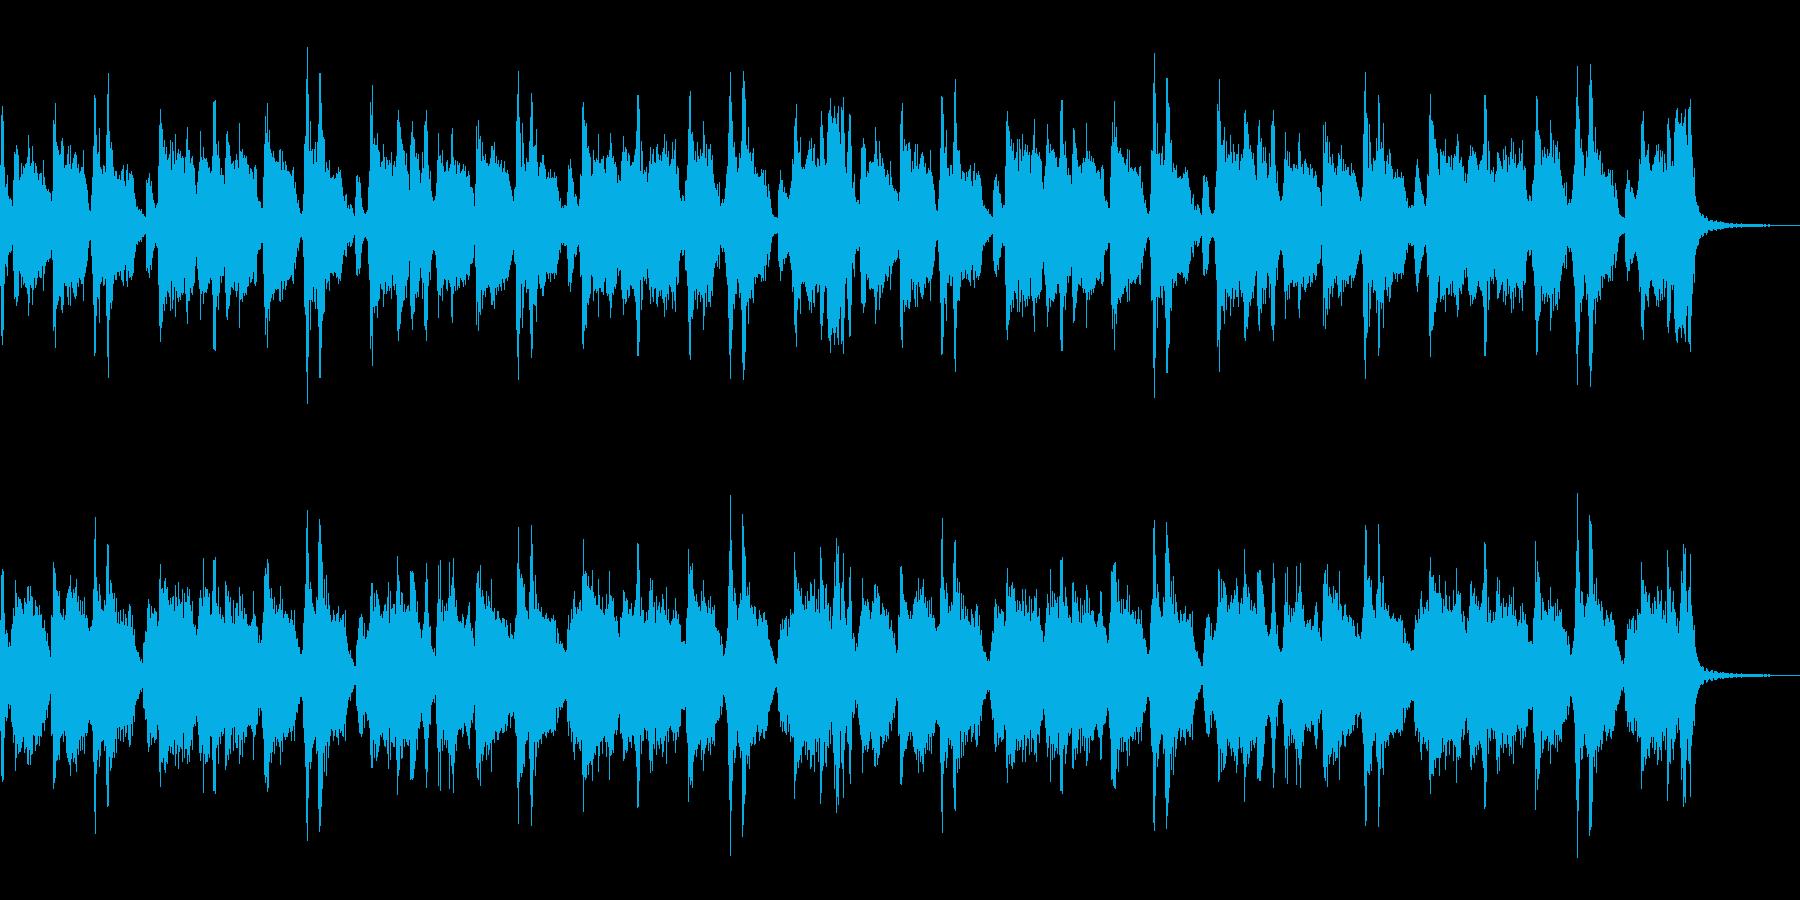 ロック系ギターリフの再生済みの波形